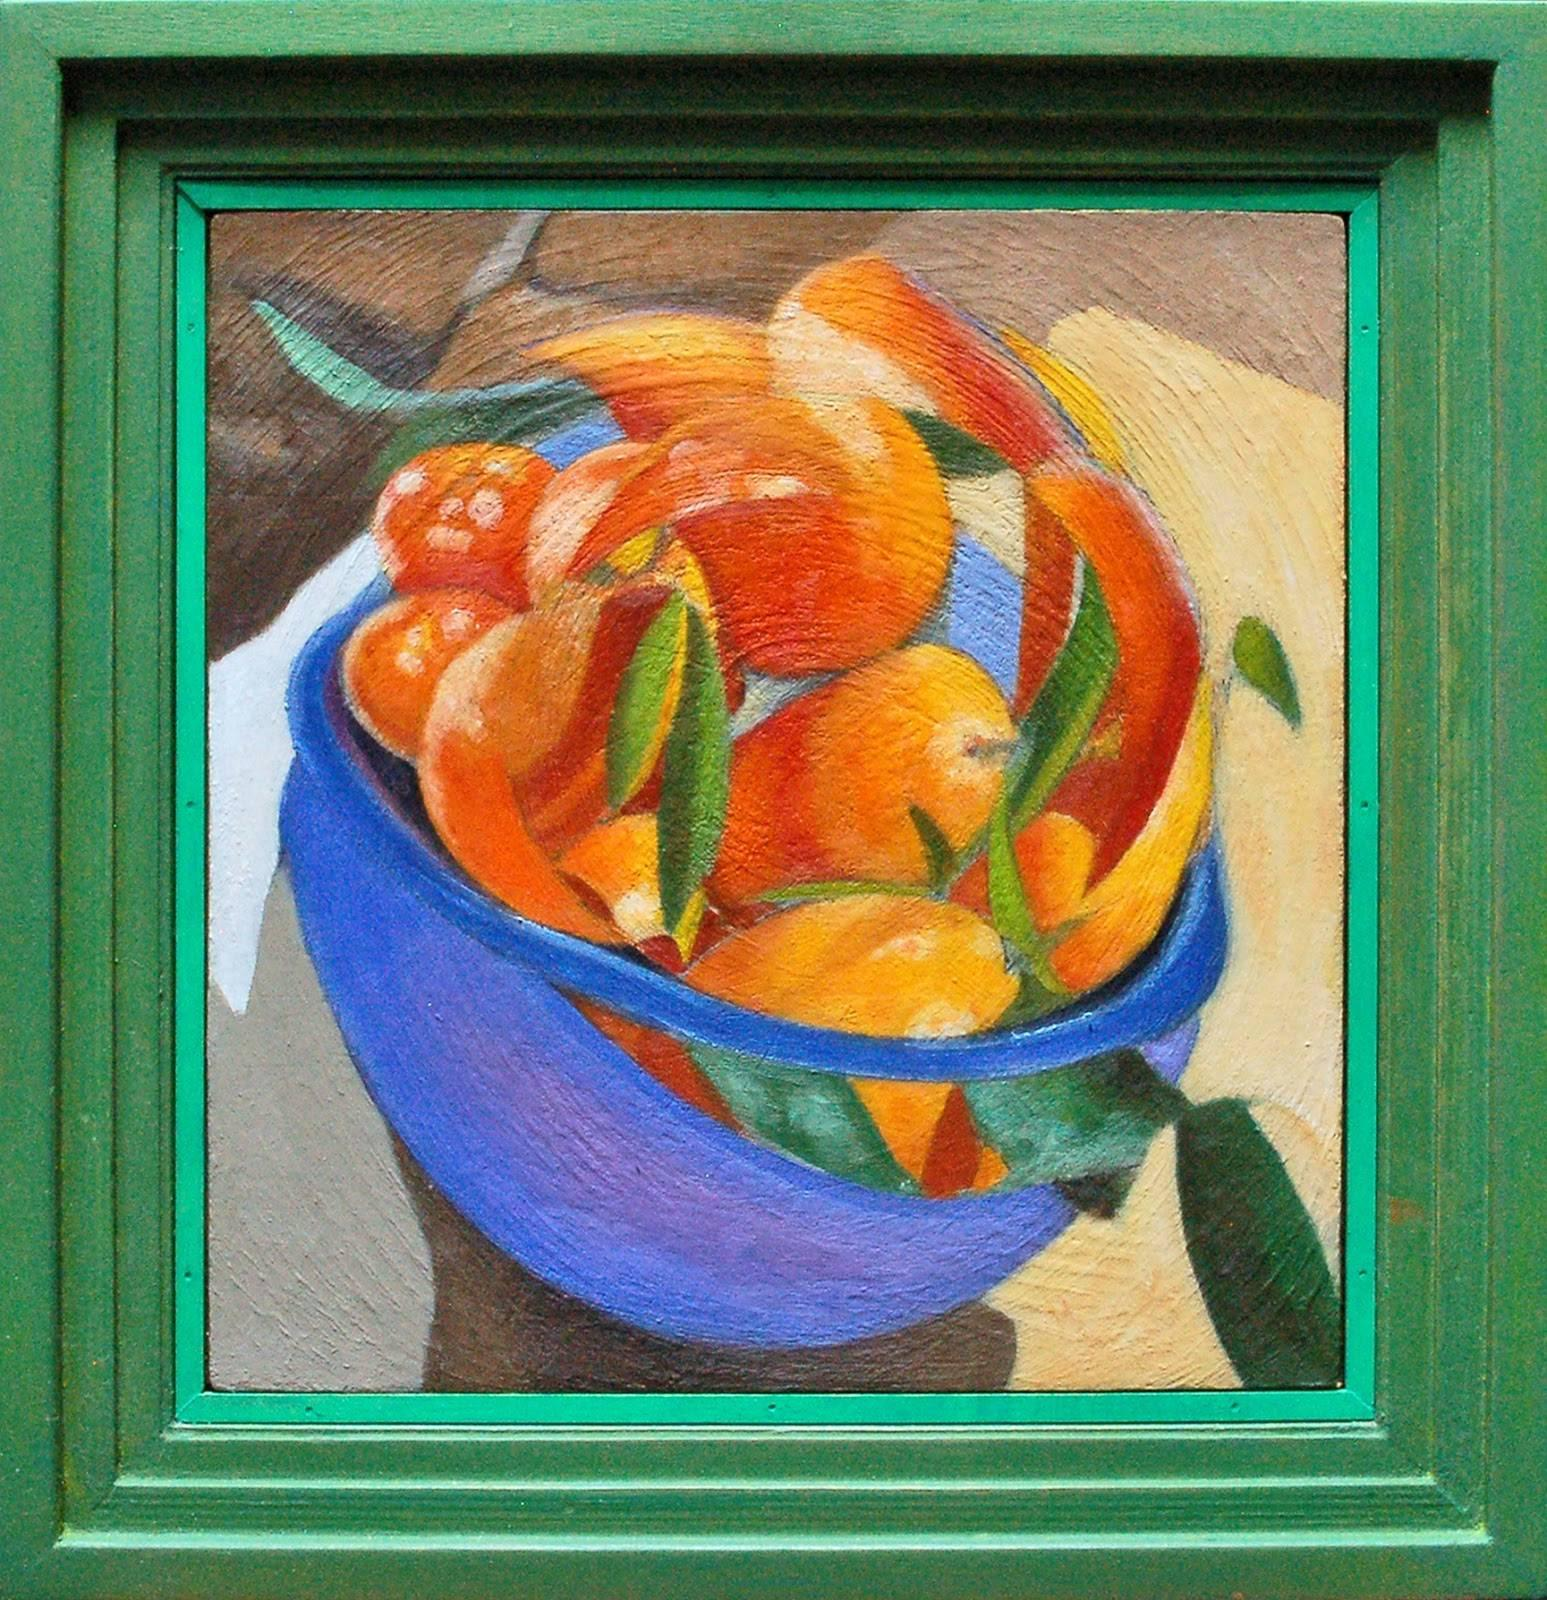 Fruit Bowl #2